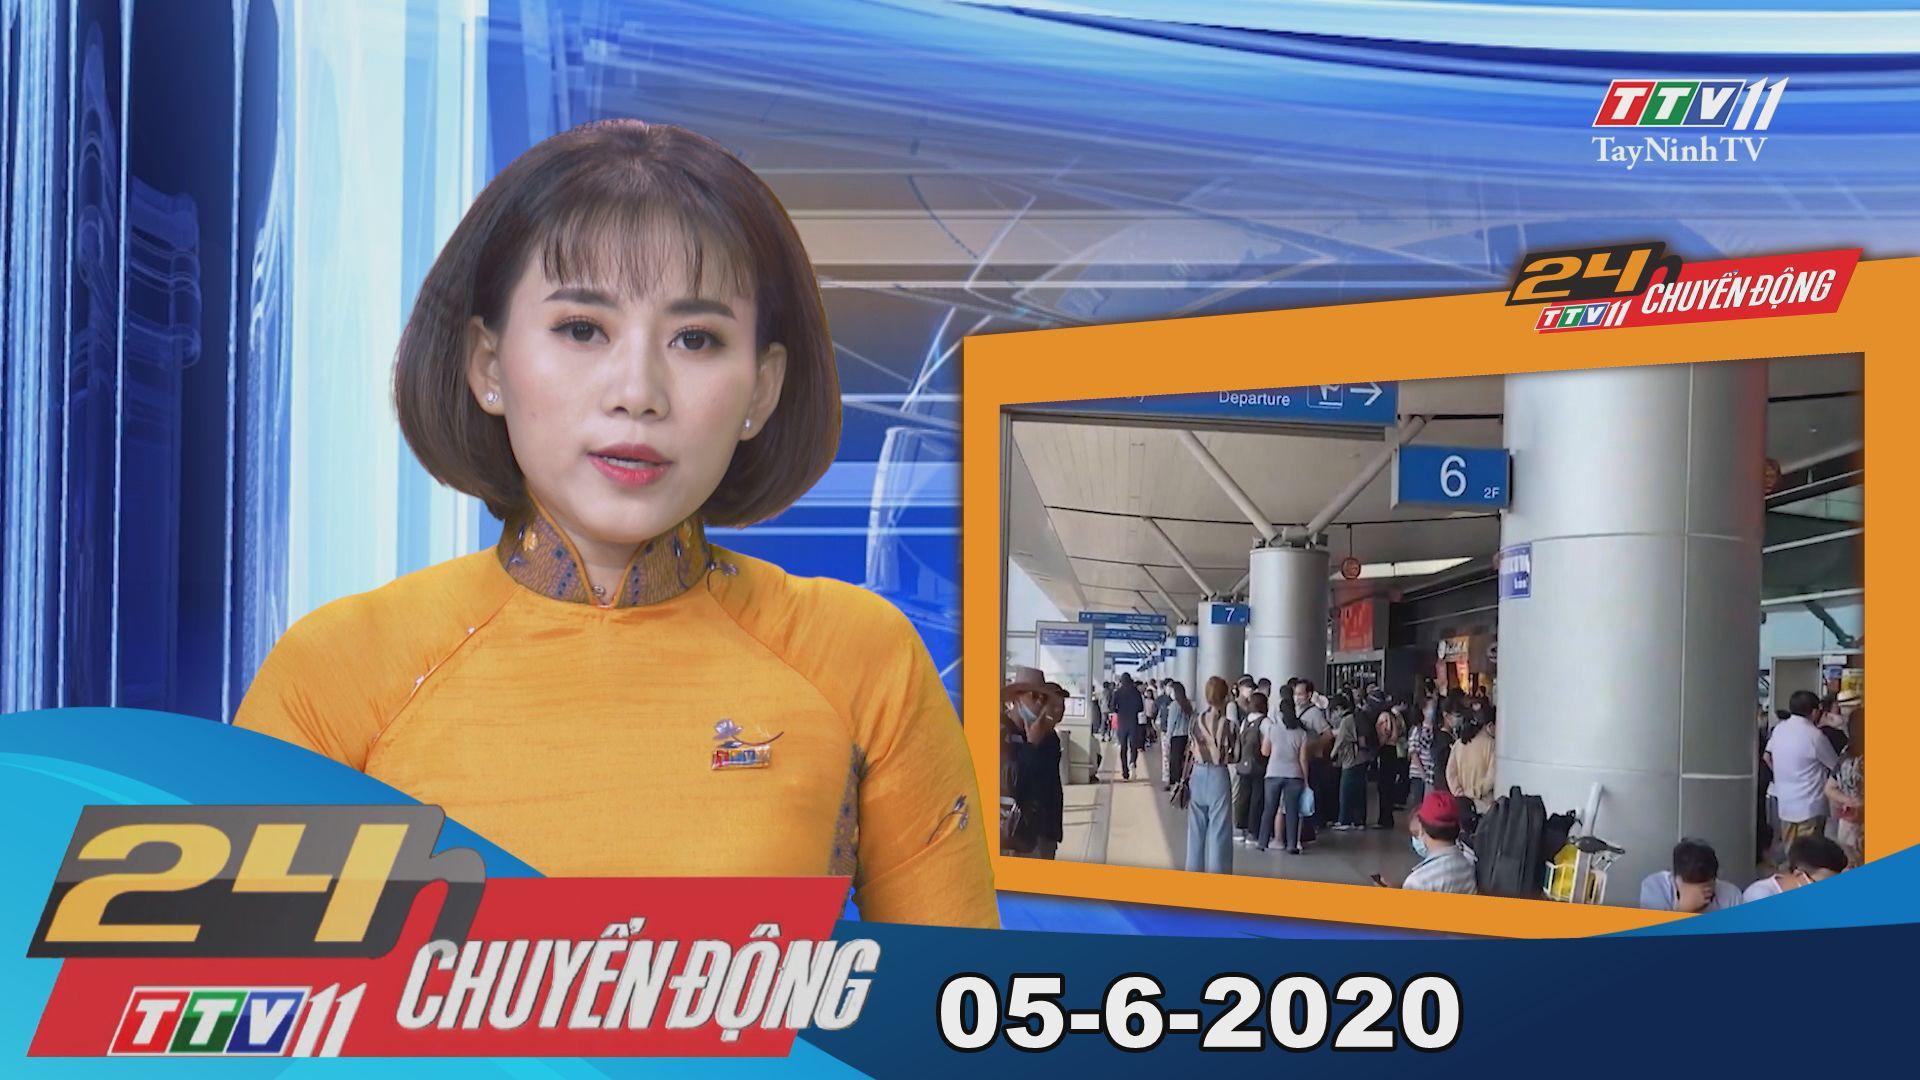 24h Chuyển động 05-6-2020 | Tin tức hôm nay | TayNinhTV